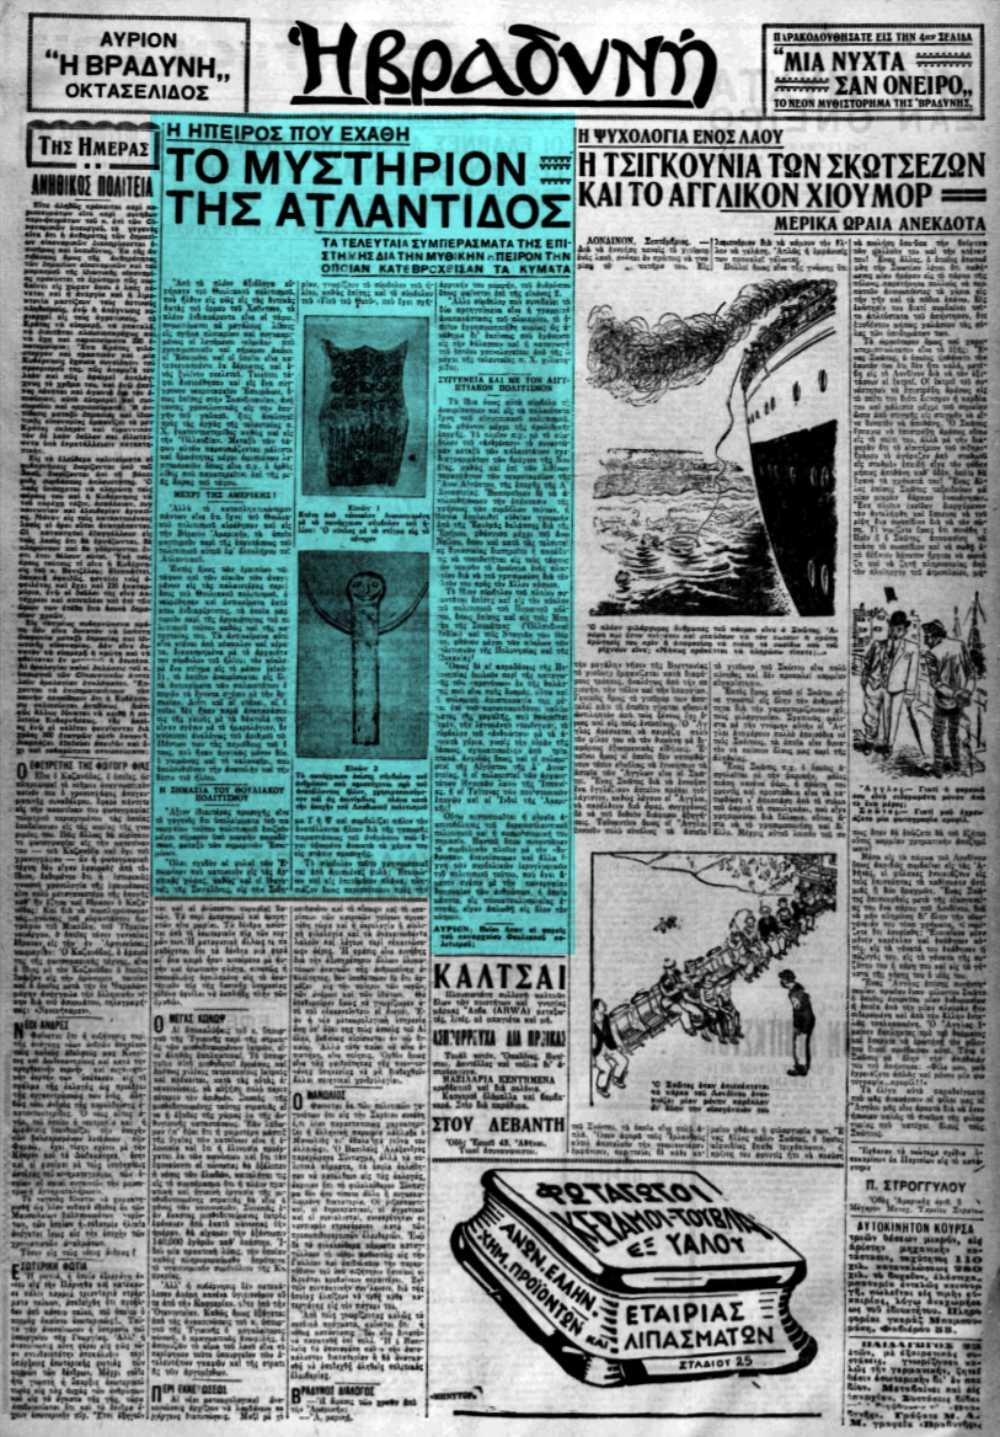 """Το άρθρο, όπως δημοσιεύθηκε στην εφημερίδα """"Η ΒΡΑΔΥΝΗ"""", στις 16/09/1931"""